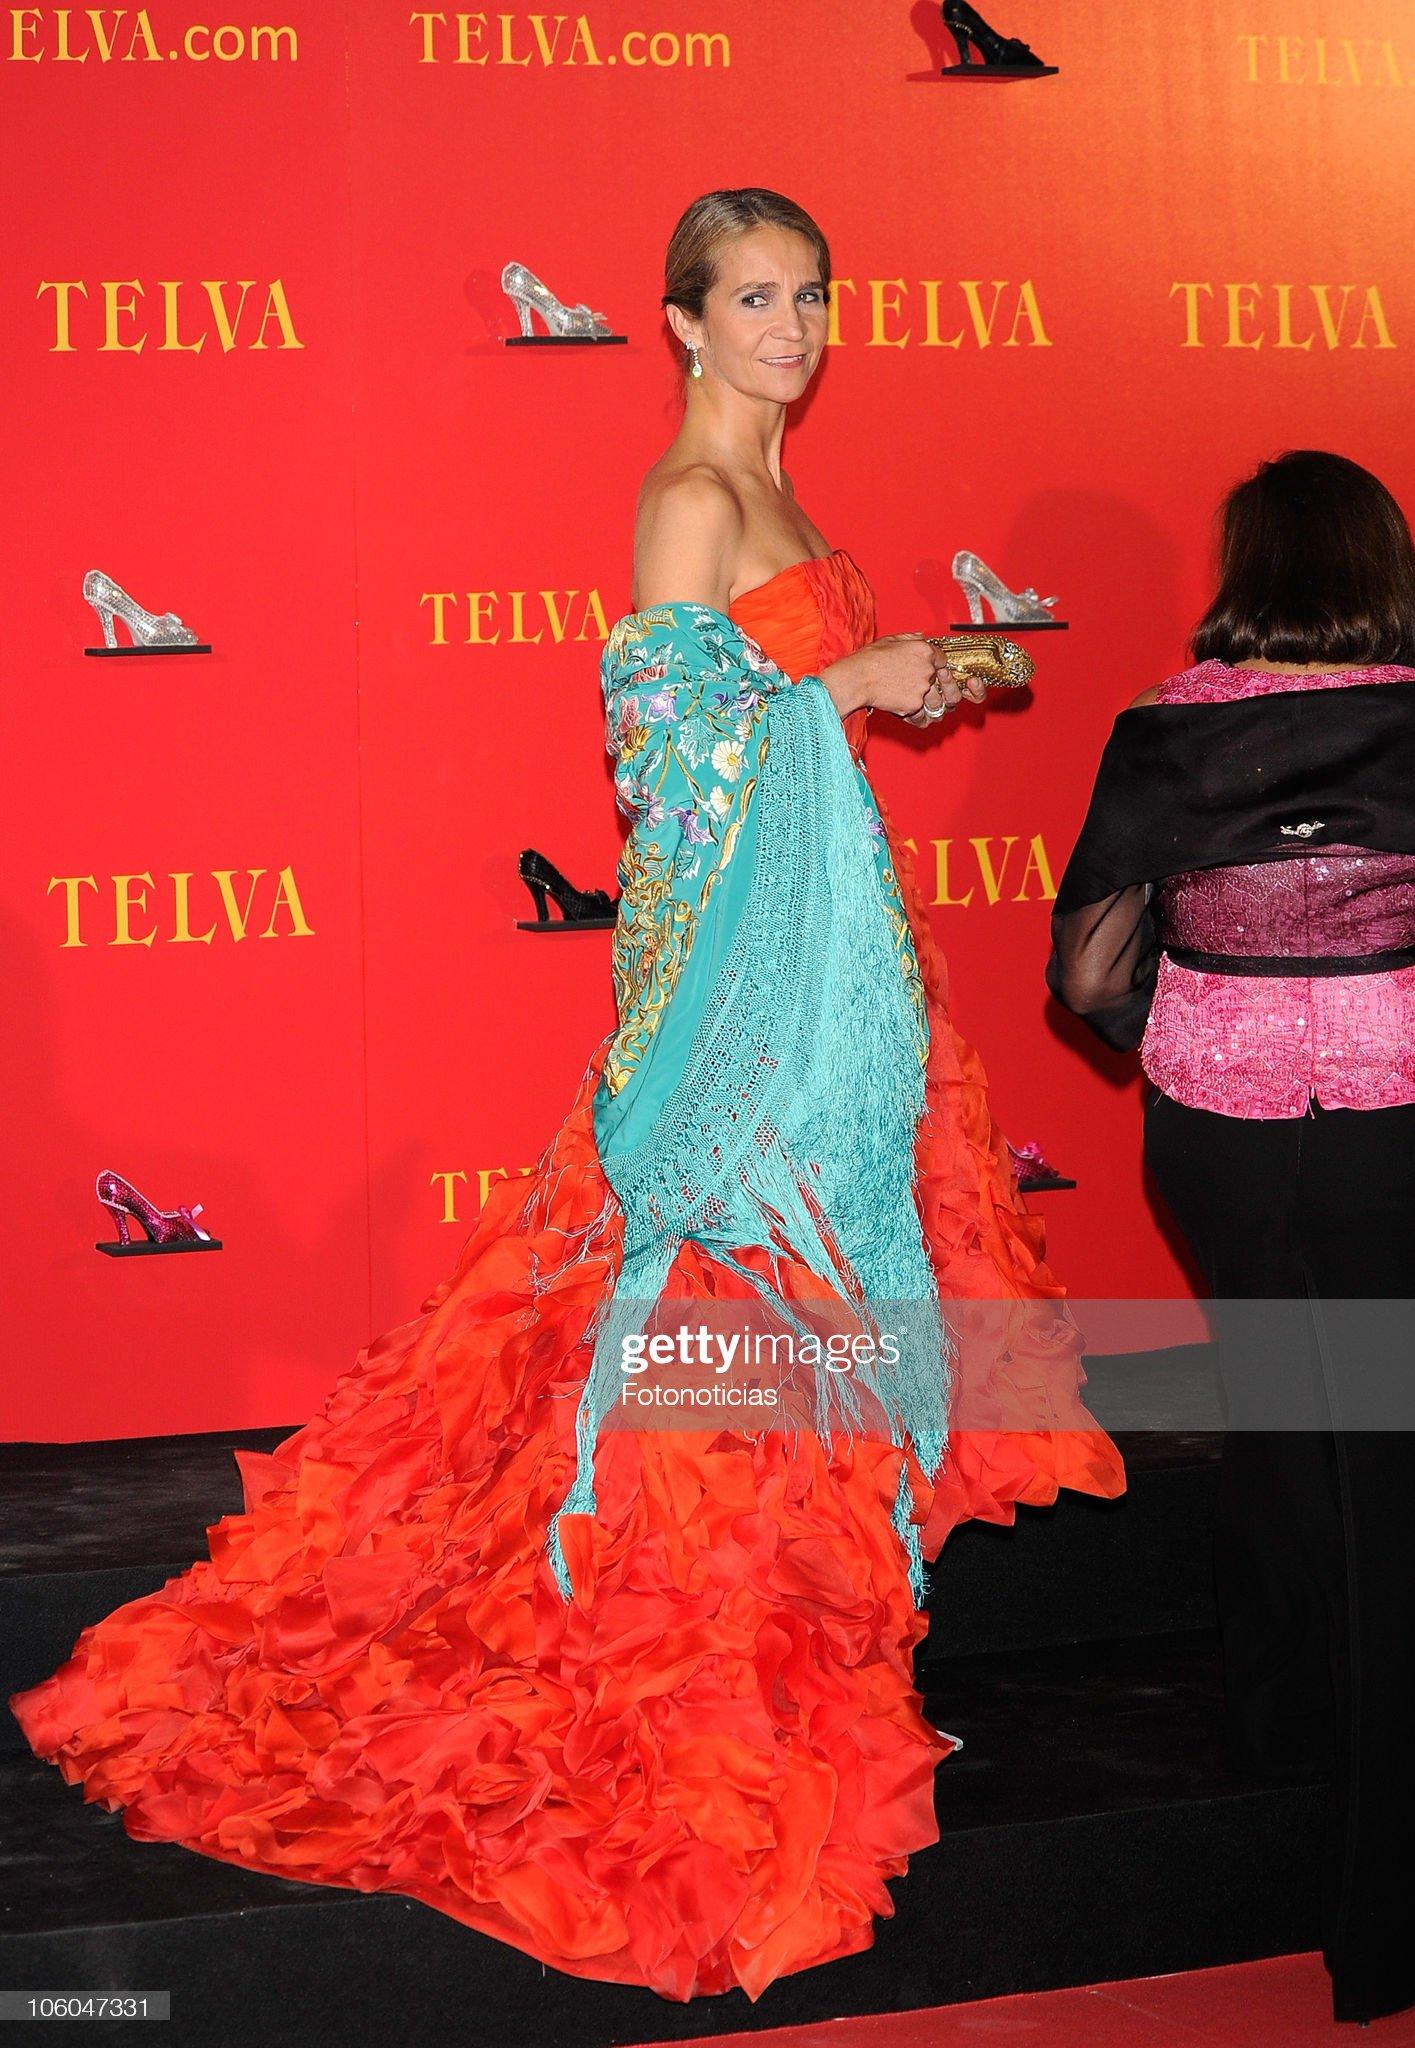 Telva Awards 2010 : News Photo